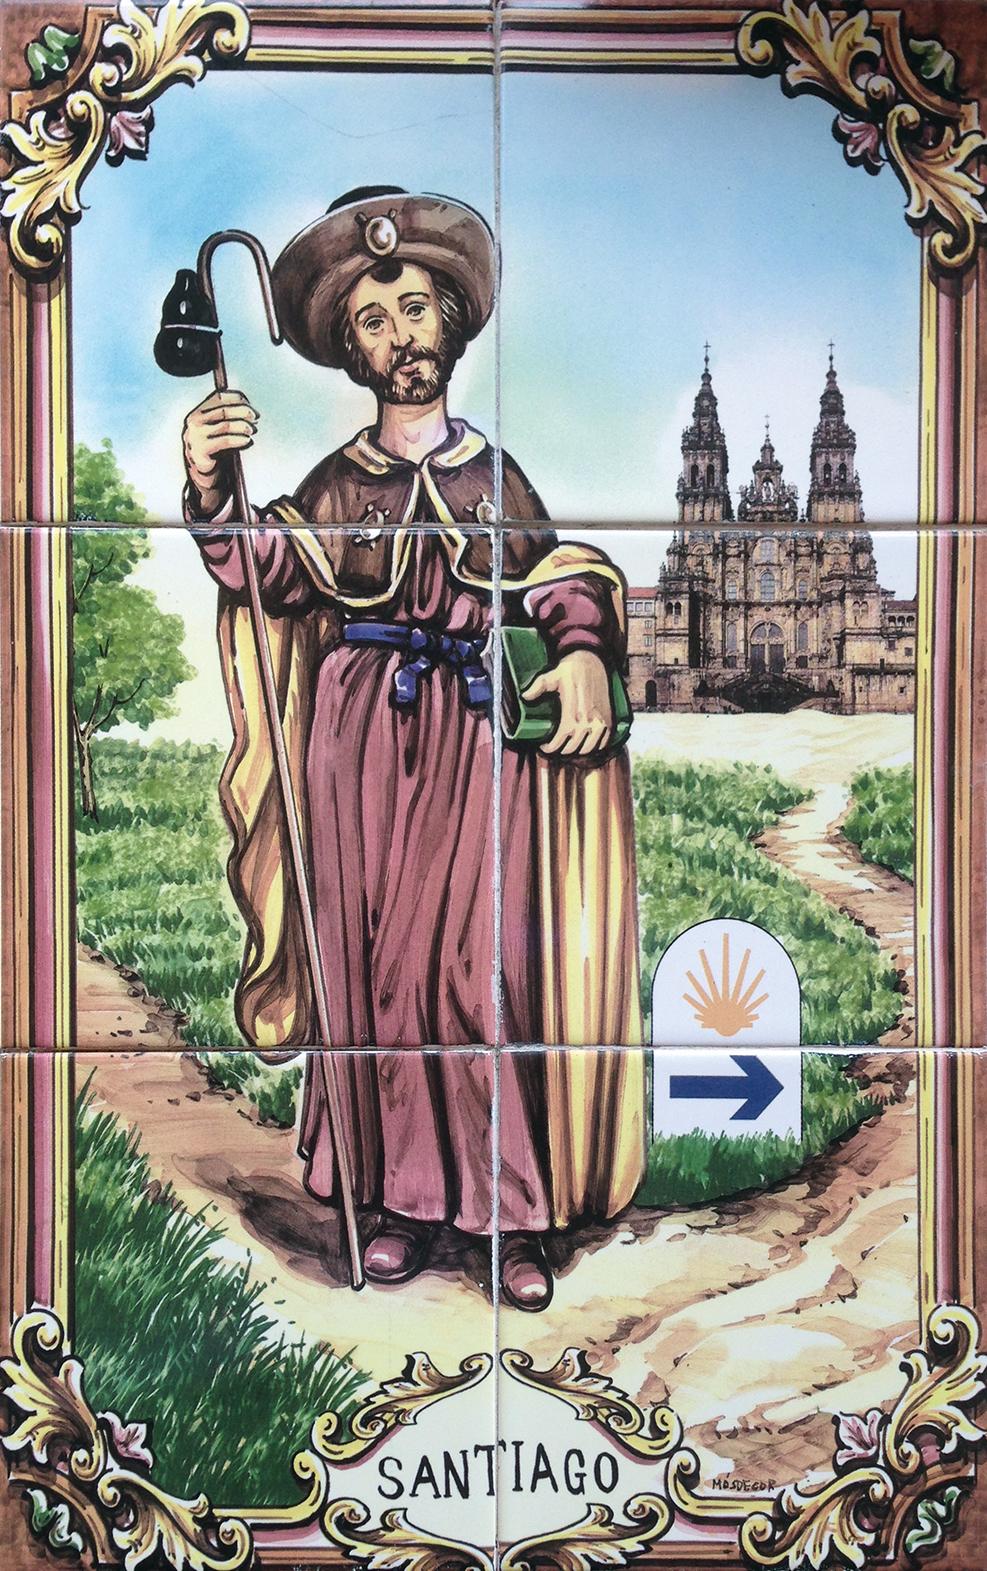 Апостола Иакова изображают путником в плаще, с посохом, к которому привязана тыква-горлянка с водой. Путевой камень на этом панно-азулежу двойной: желтая раковина указывает прямо, к Сантьяго-де-Компостела, синяя стрелка — направо, в Фатиму (еще один уважаемый паломнический путь — в Португалии).